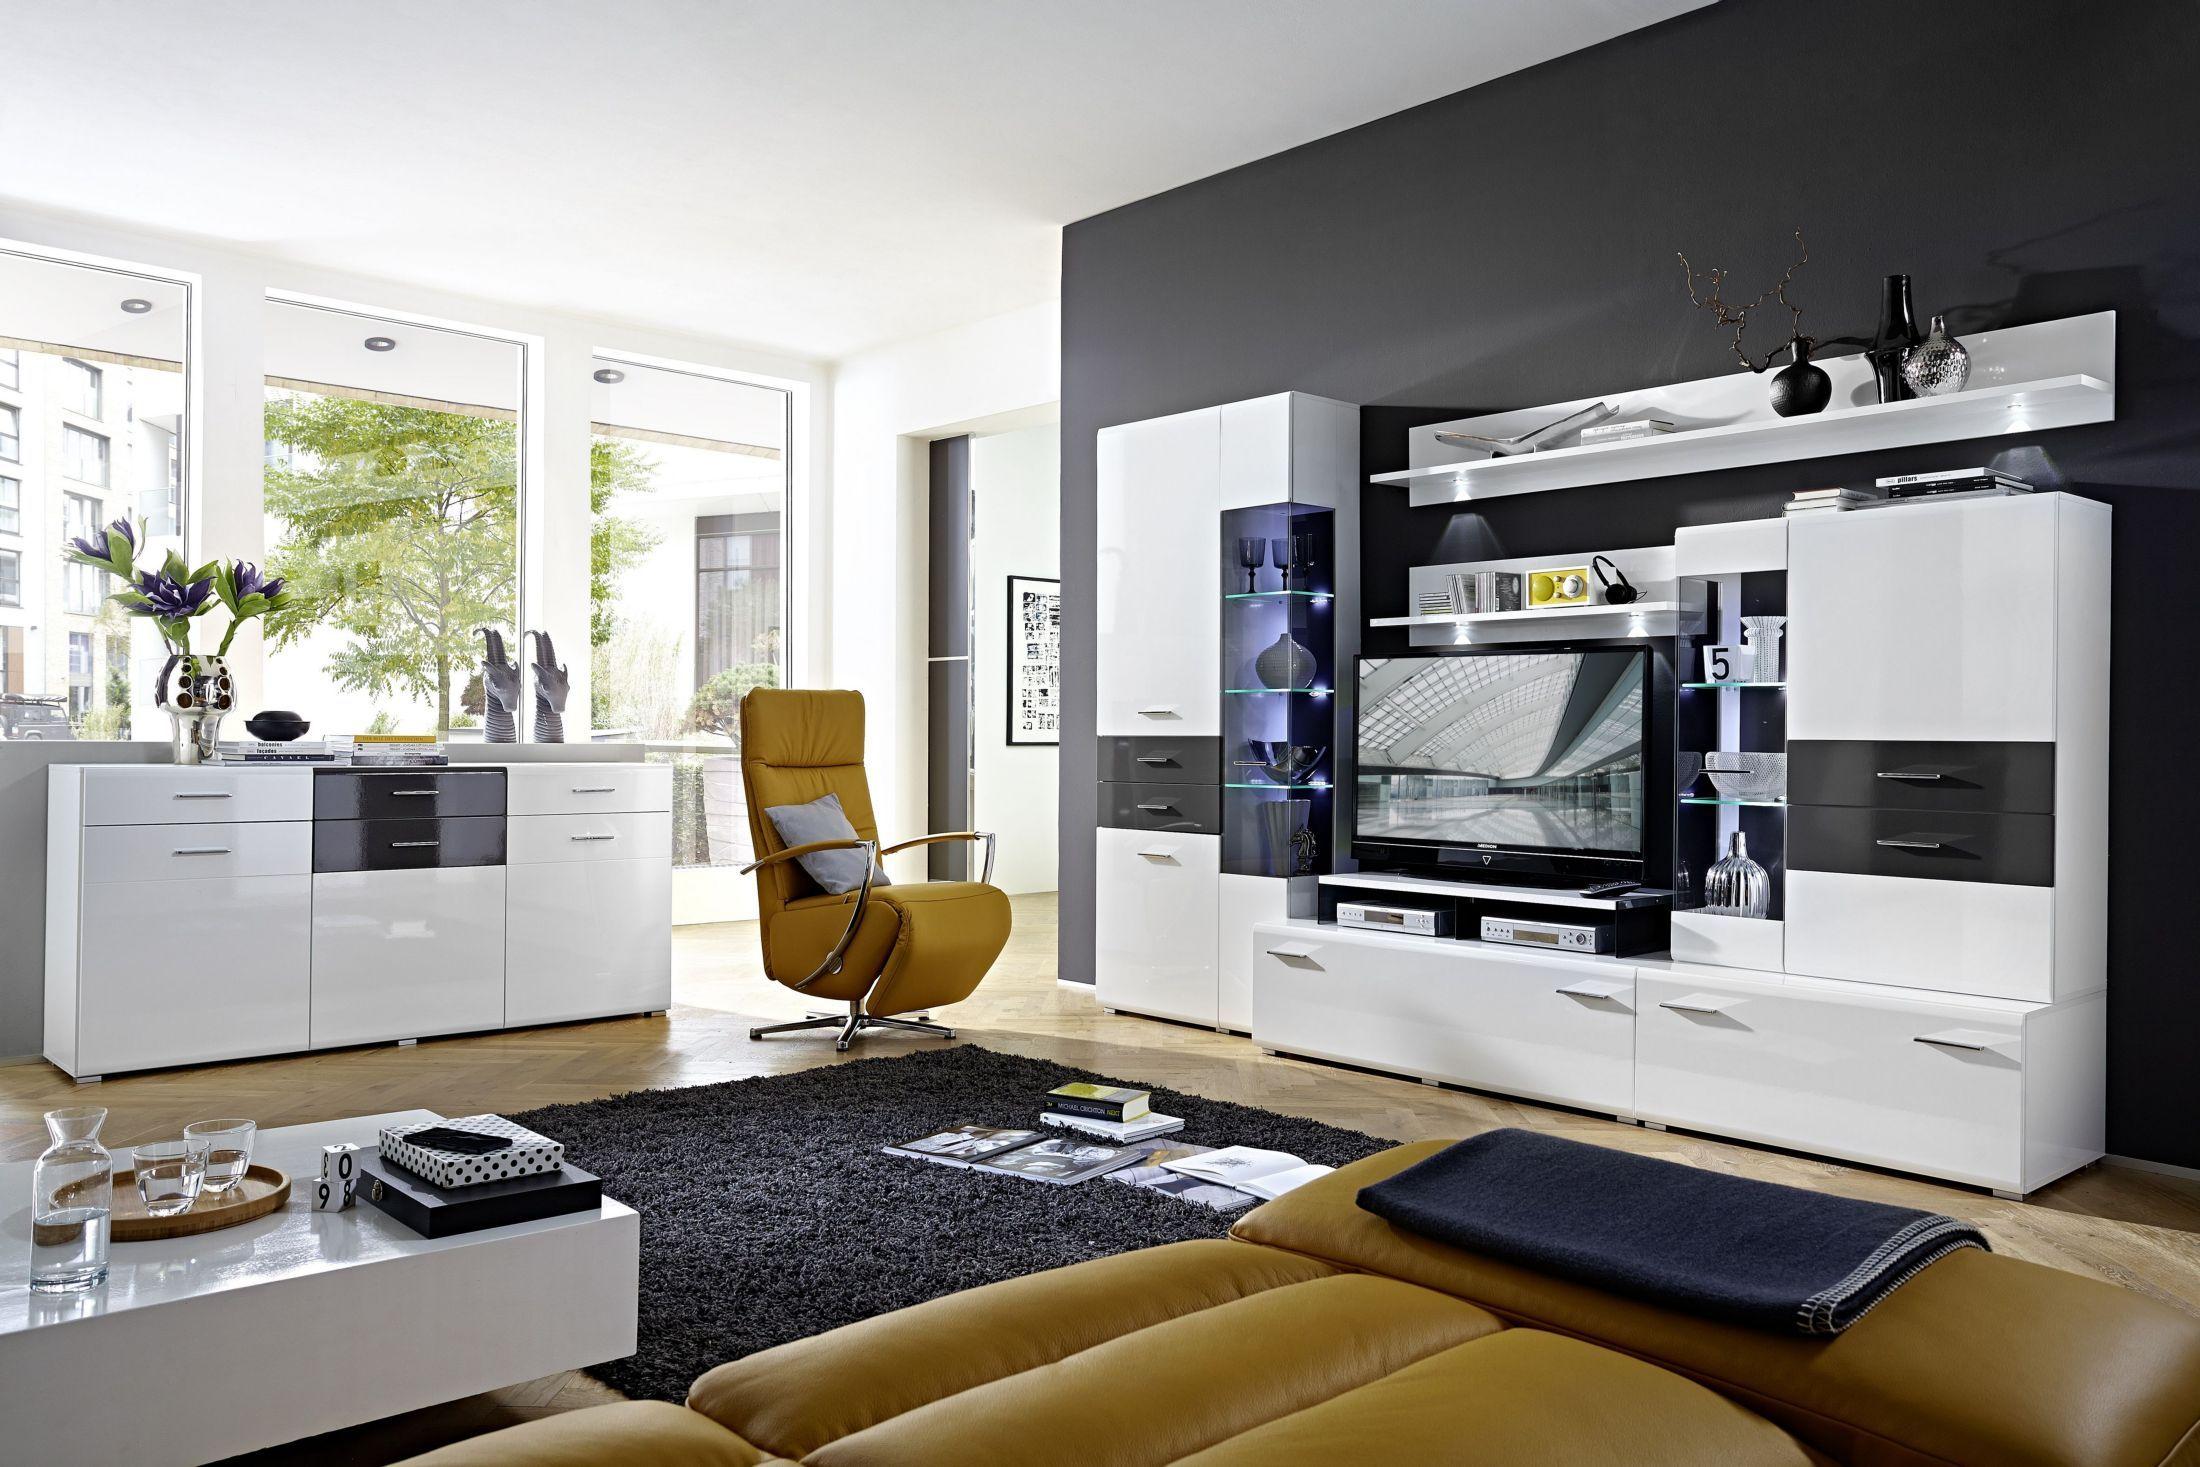 Wohnzimmer Hochglanz ~ Wohnzimmer mit sideboard weiss hochglanz grau mit beleuchtung woody